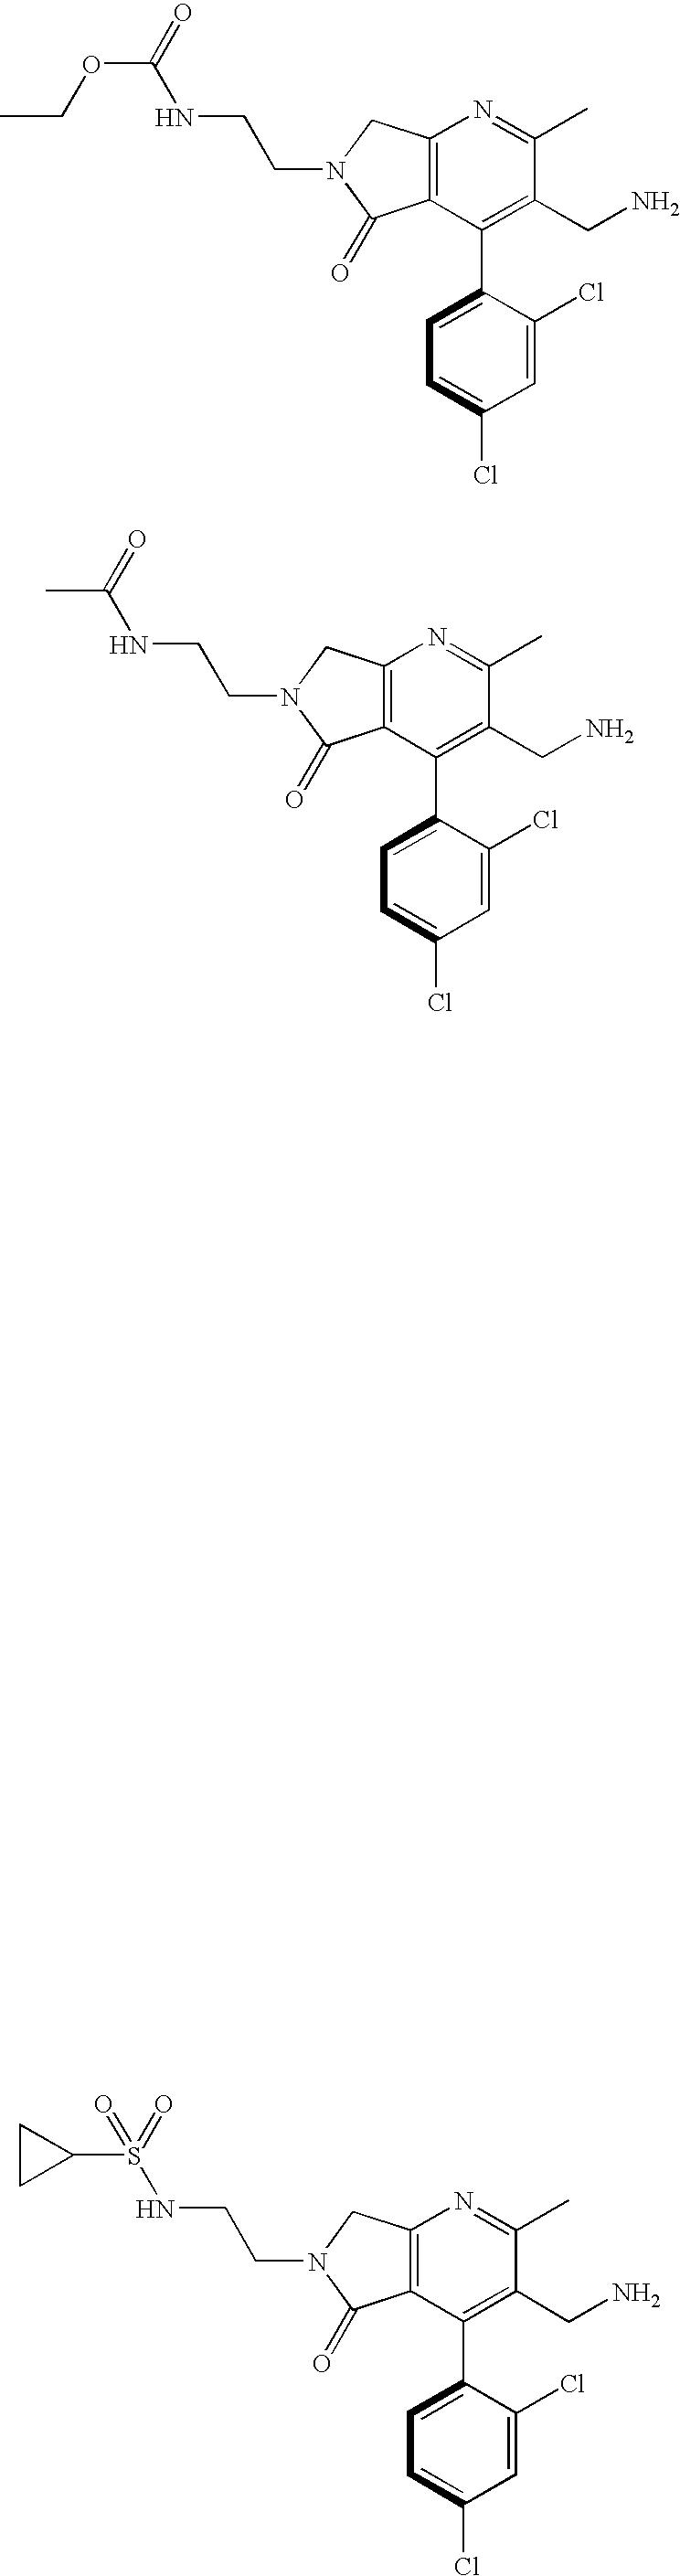 Figure US07521557-20090421-C00323